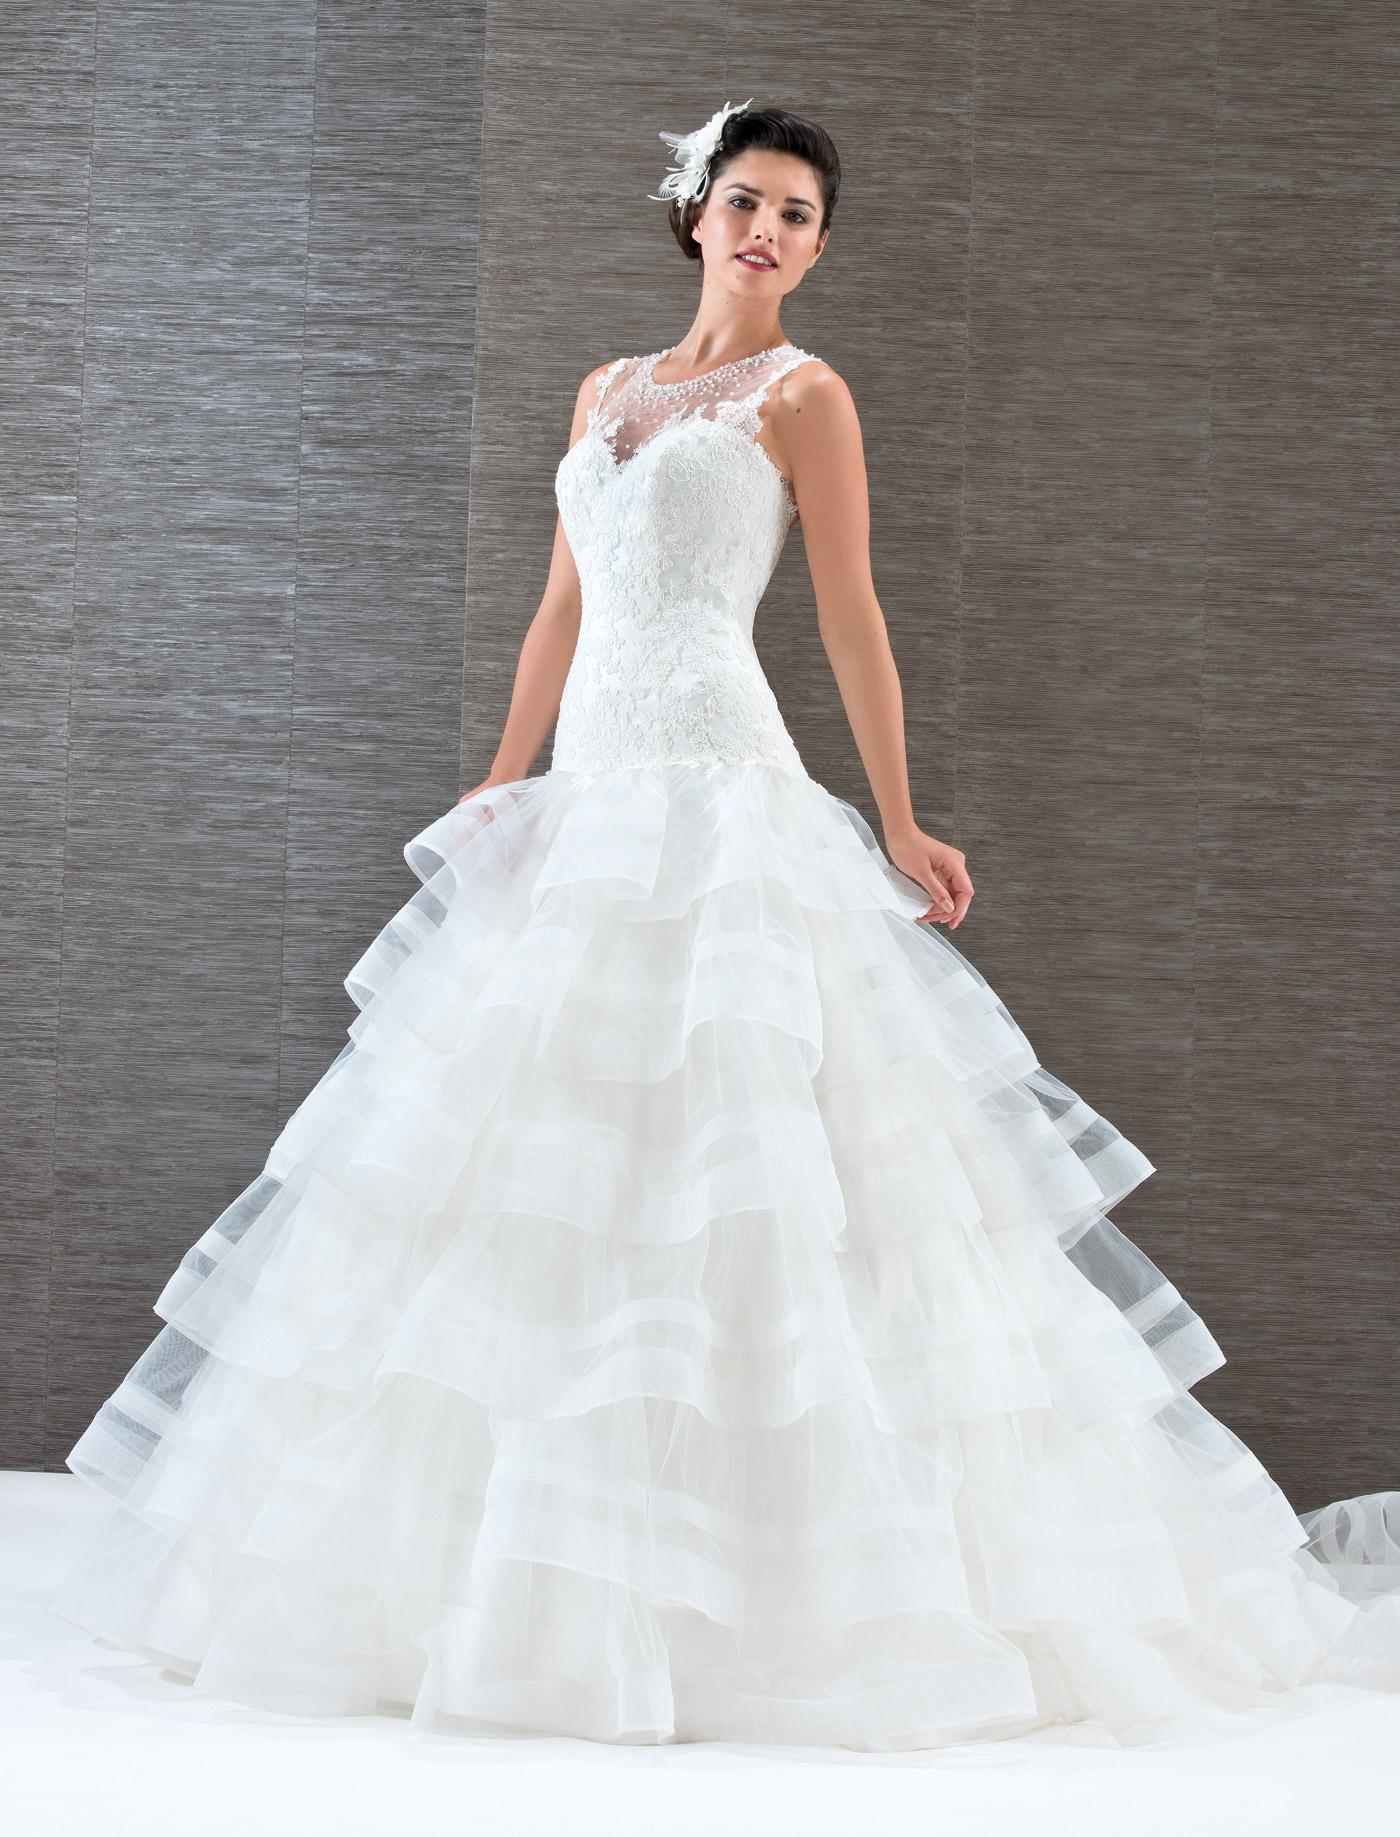 Glantine mariages et c r monies boutiques de robes et for Boutiques de mariage orlando